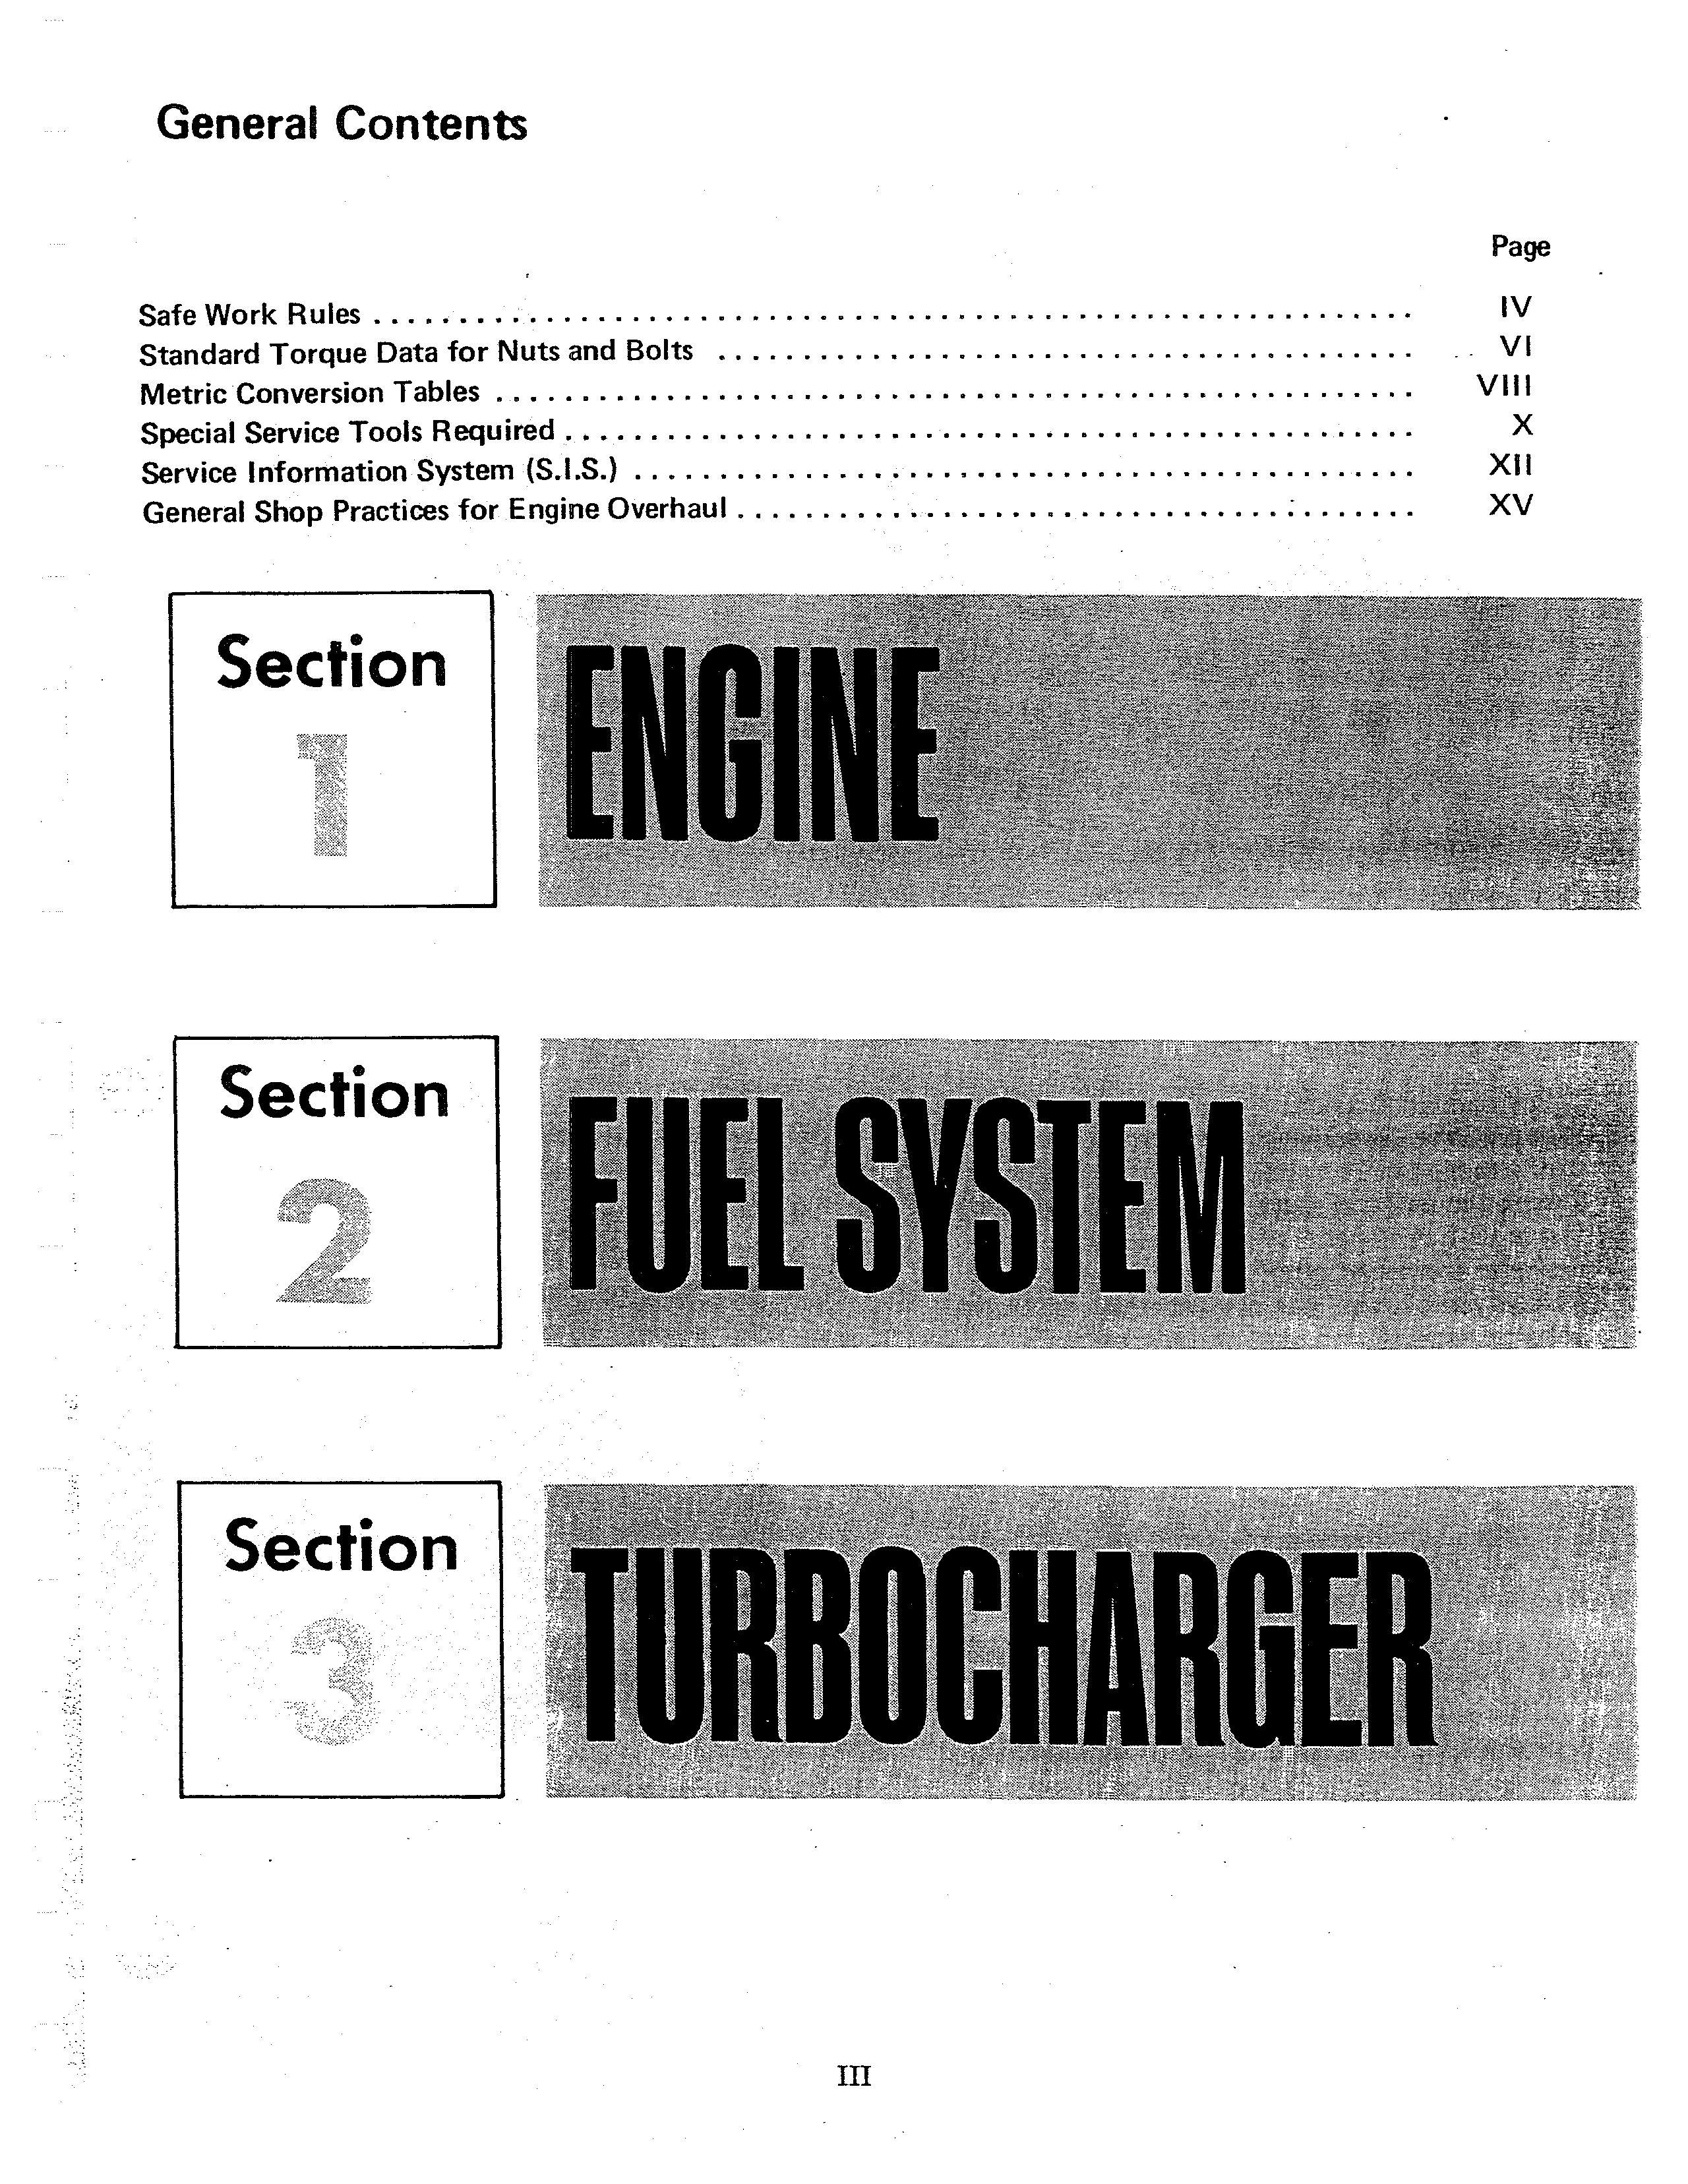 Ih Diesel Engine D155 D179 D206 D239 D268 D310 D358 Manual Advanced Injection Timing Diagram